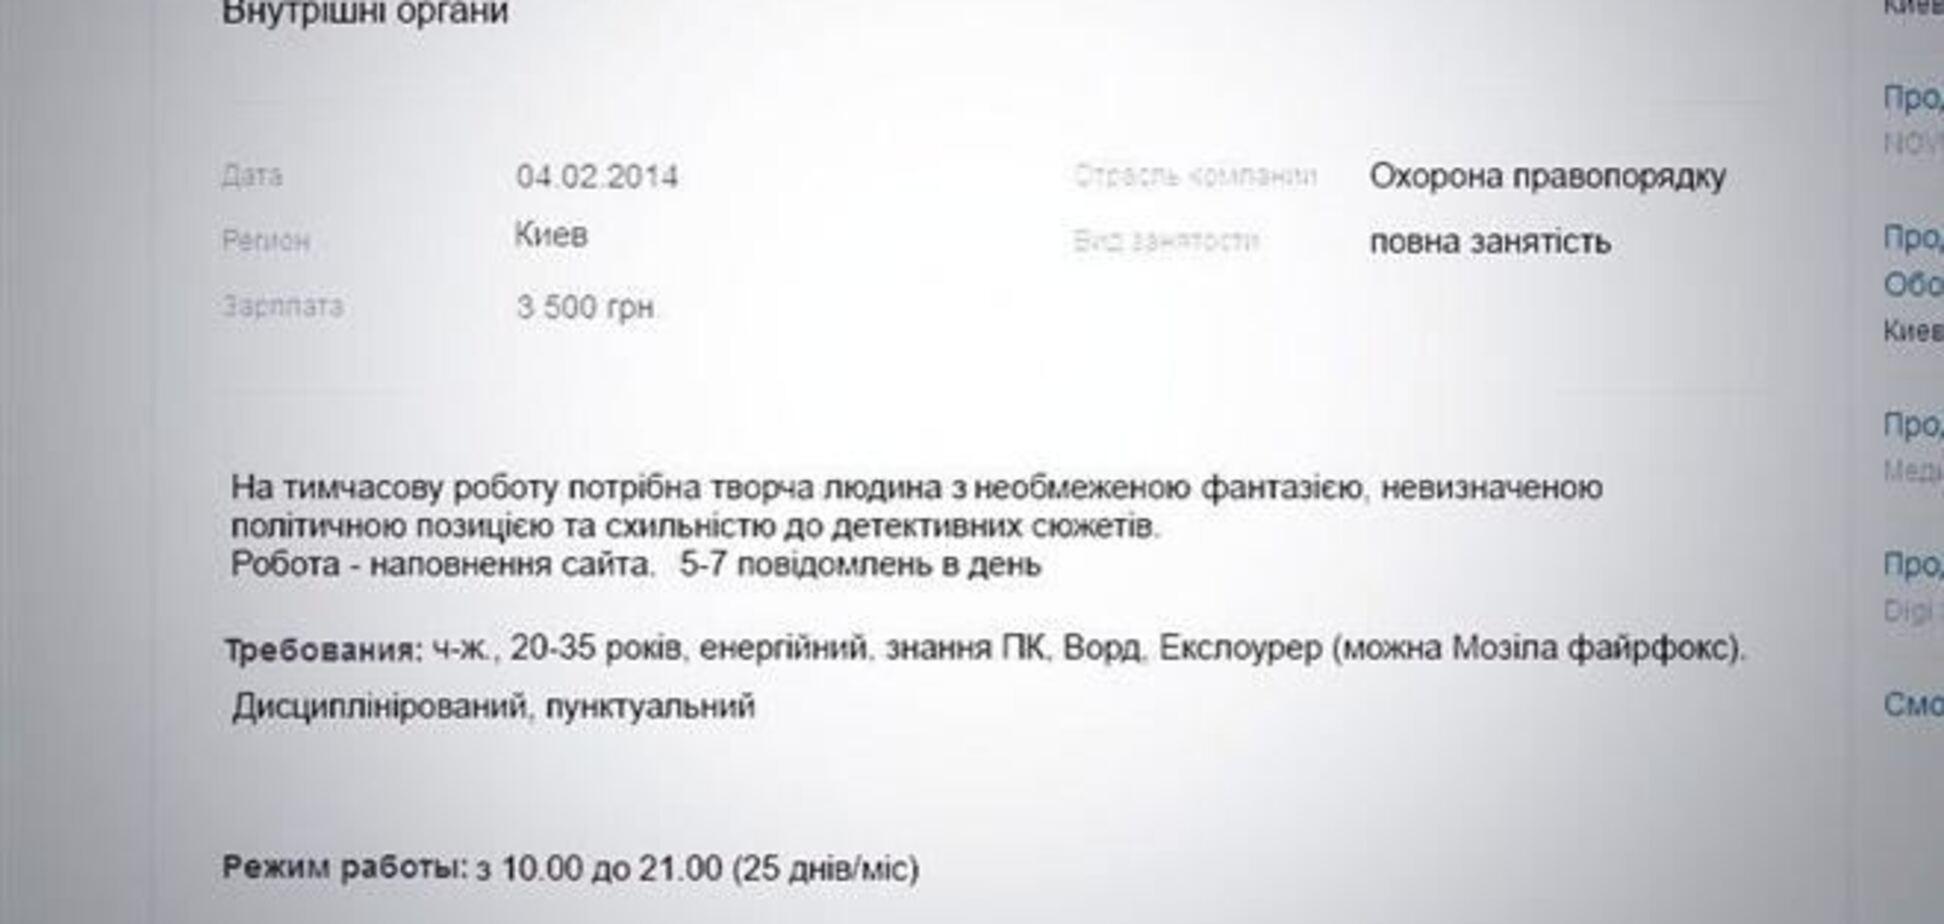 МВД ищет для сайта копирайтера с 'неограниченной фантазией'